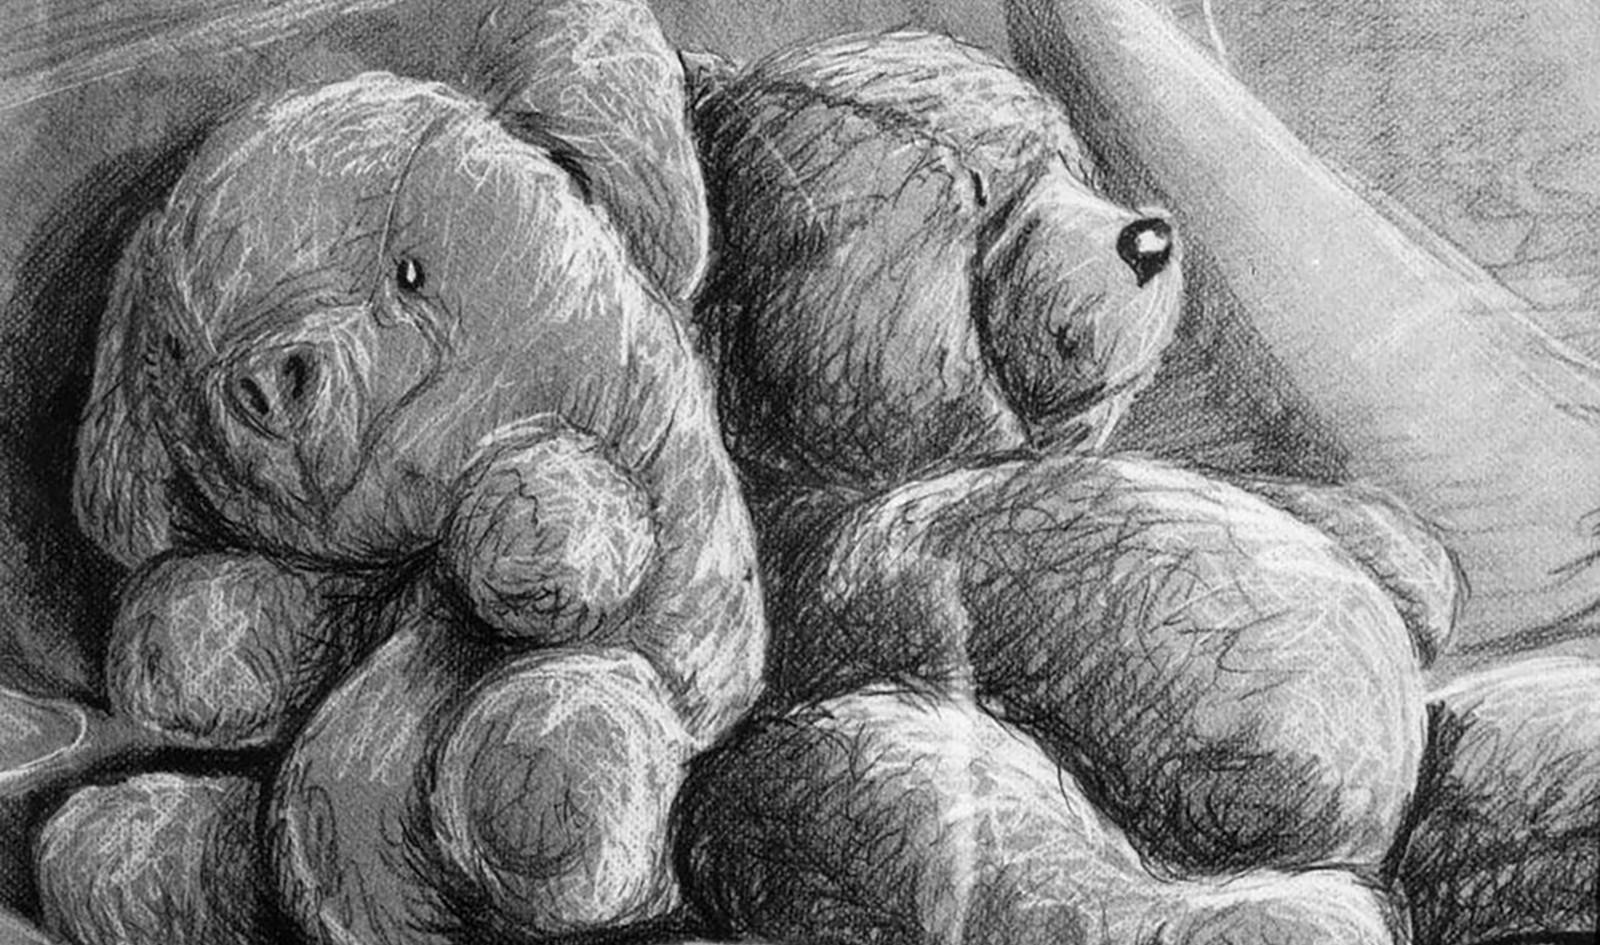 Bear and Pig still life